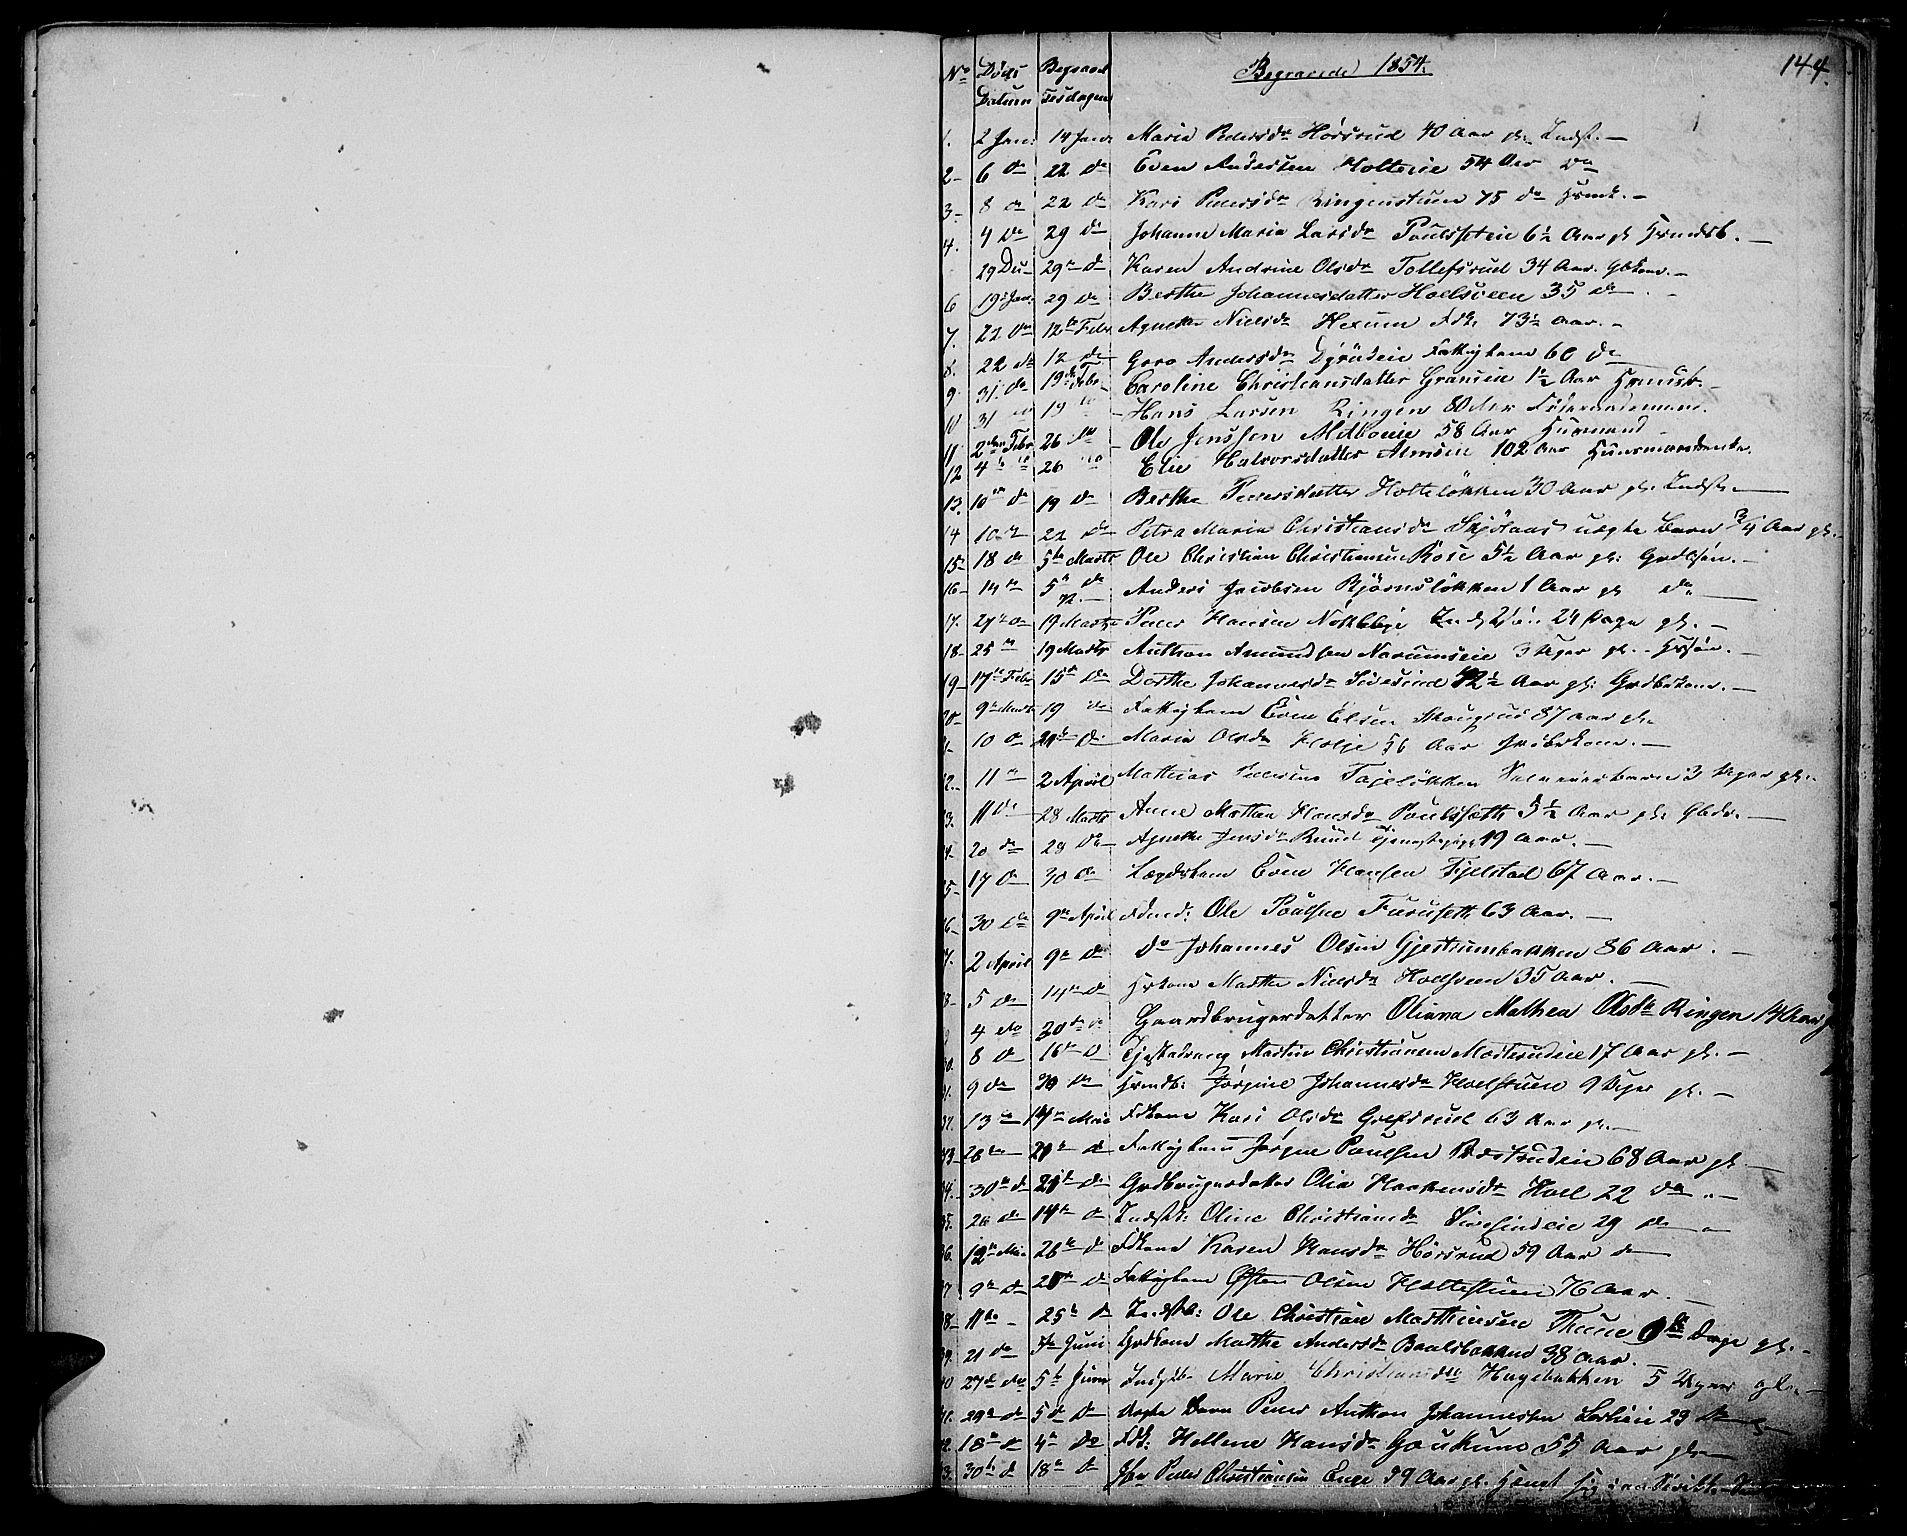 SAH, Vestre Toten prestekontor, Klokkerbok nr. 5, 1854-1870, s. 144